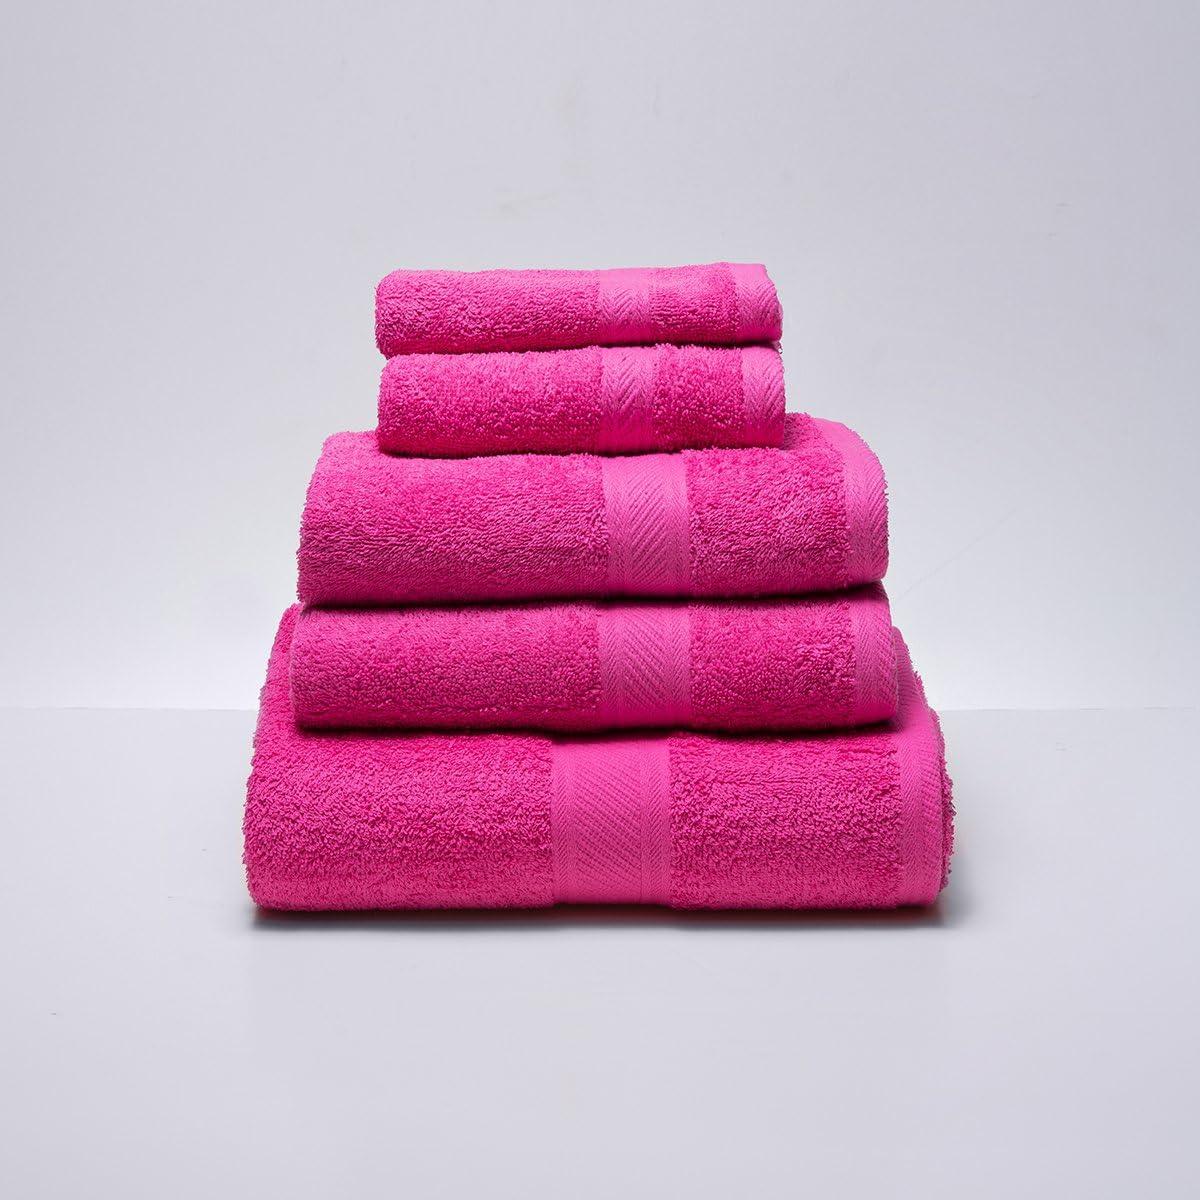 Sancarlos Juego de 3 toallas YANAI 100/% Algod/ón Color Blanco